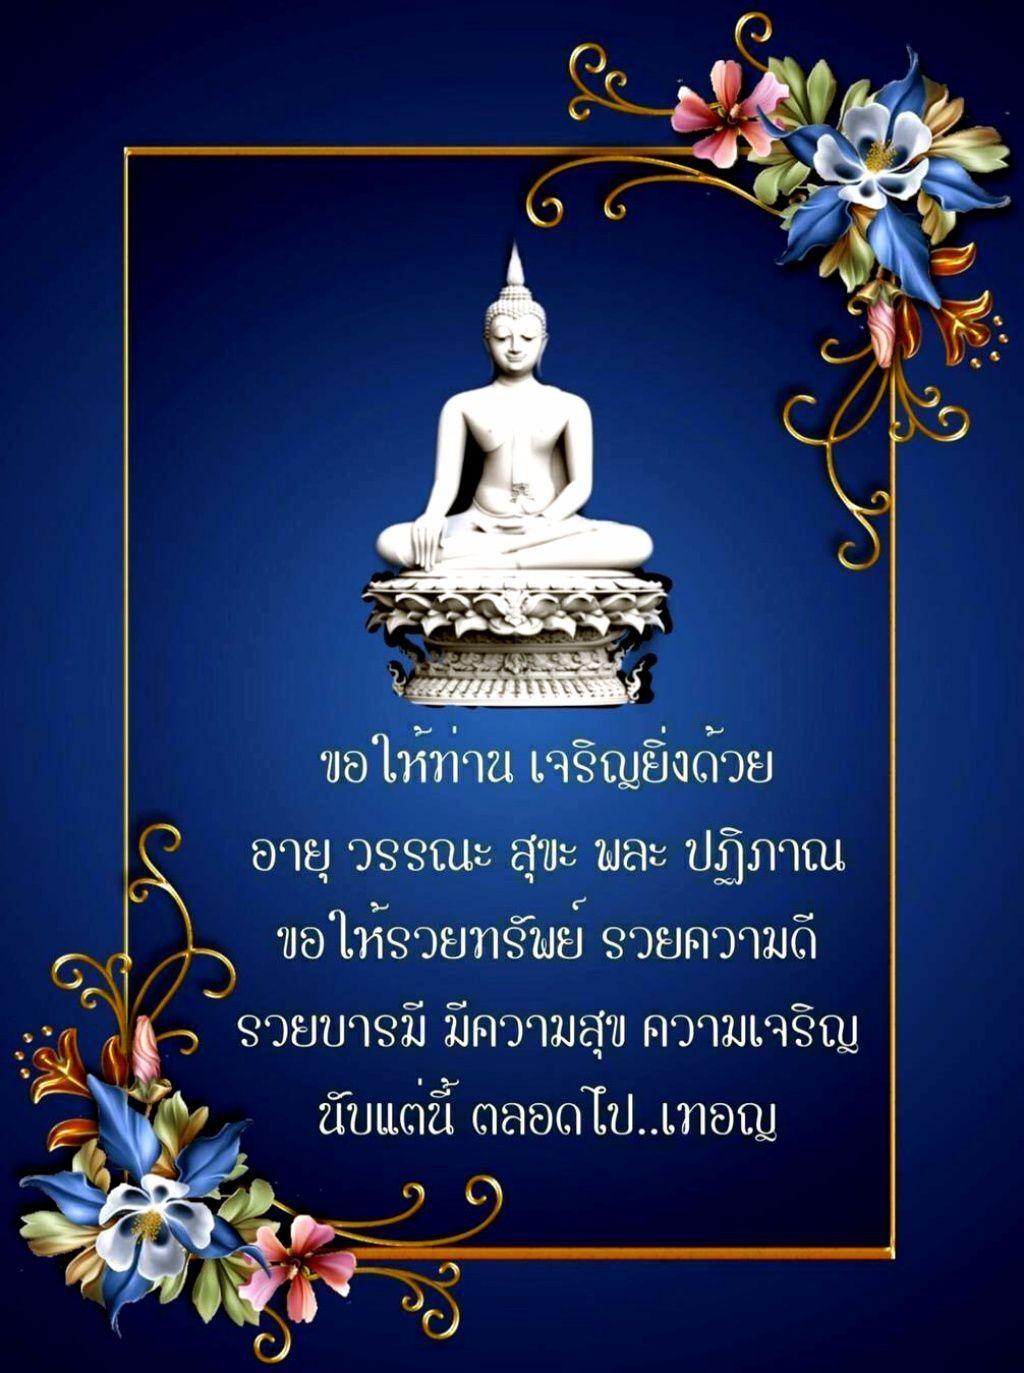 ป กพ นโดย Thassana Chaleewan ใน 06สว สด ว นศ กร คำอวยพรป ใหม ป ใหม ว นเก ด